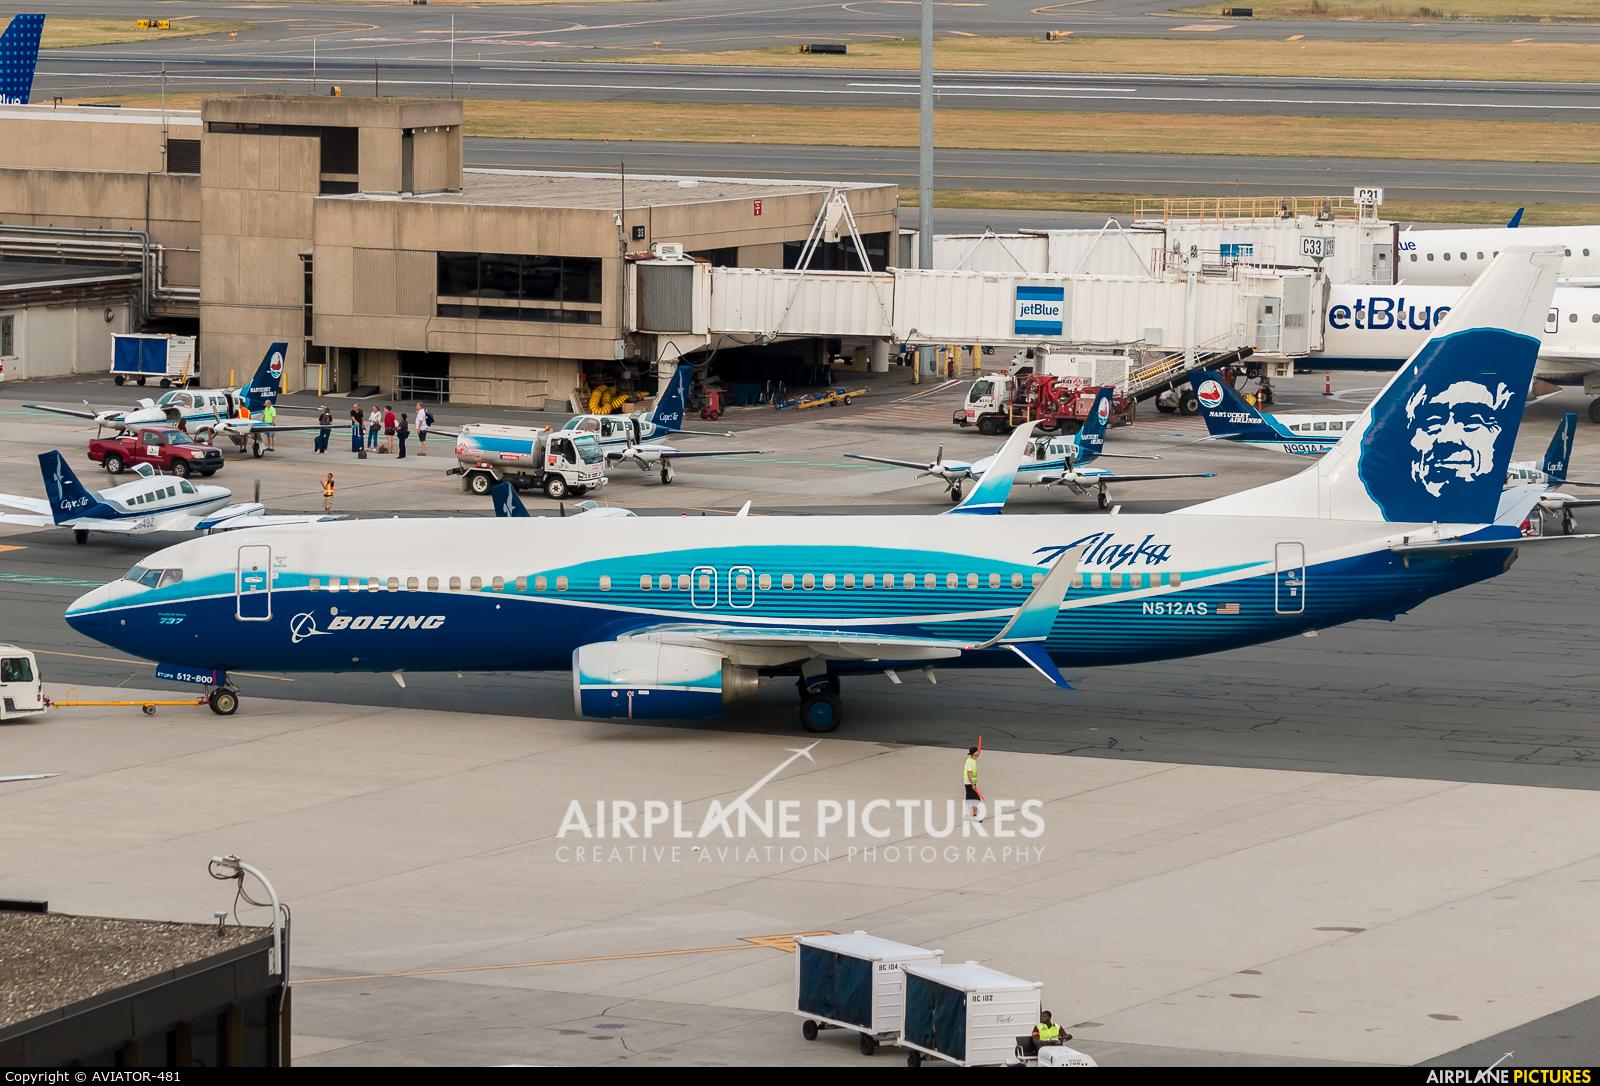 N512as Alaska Airlines Boeing 737 800 At Boston